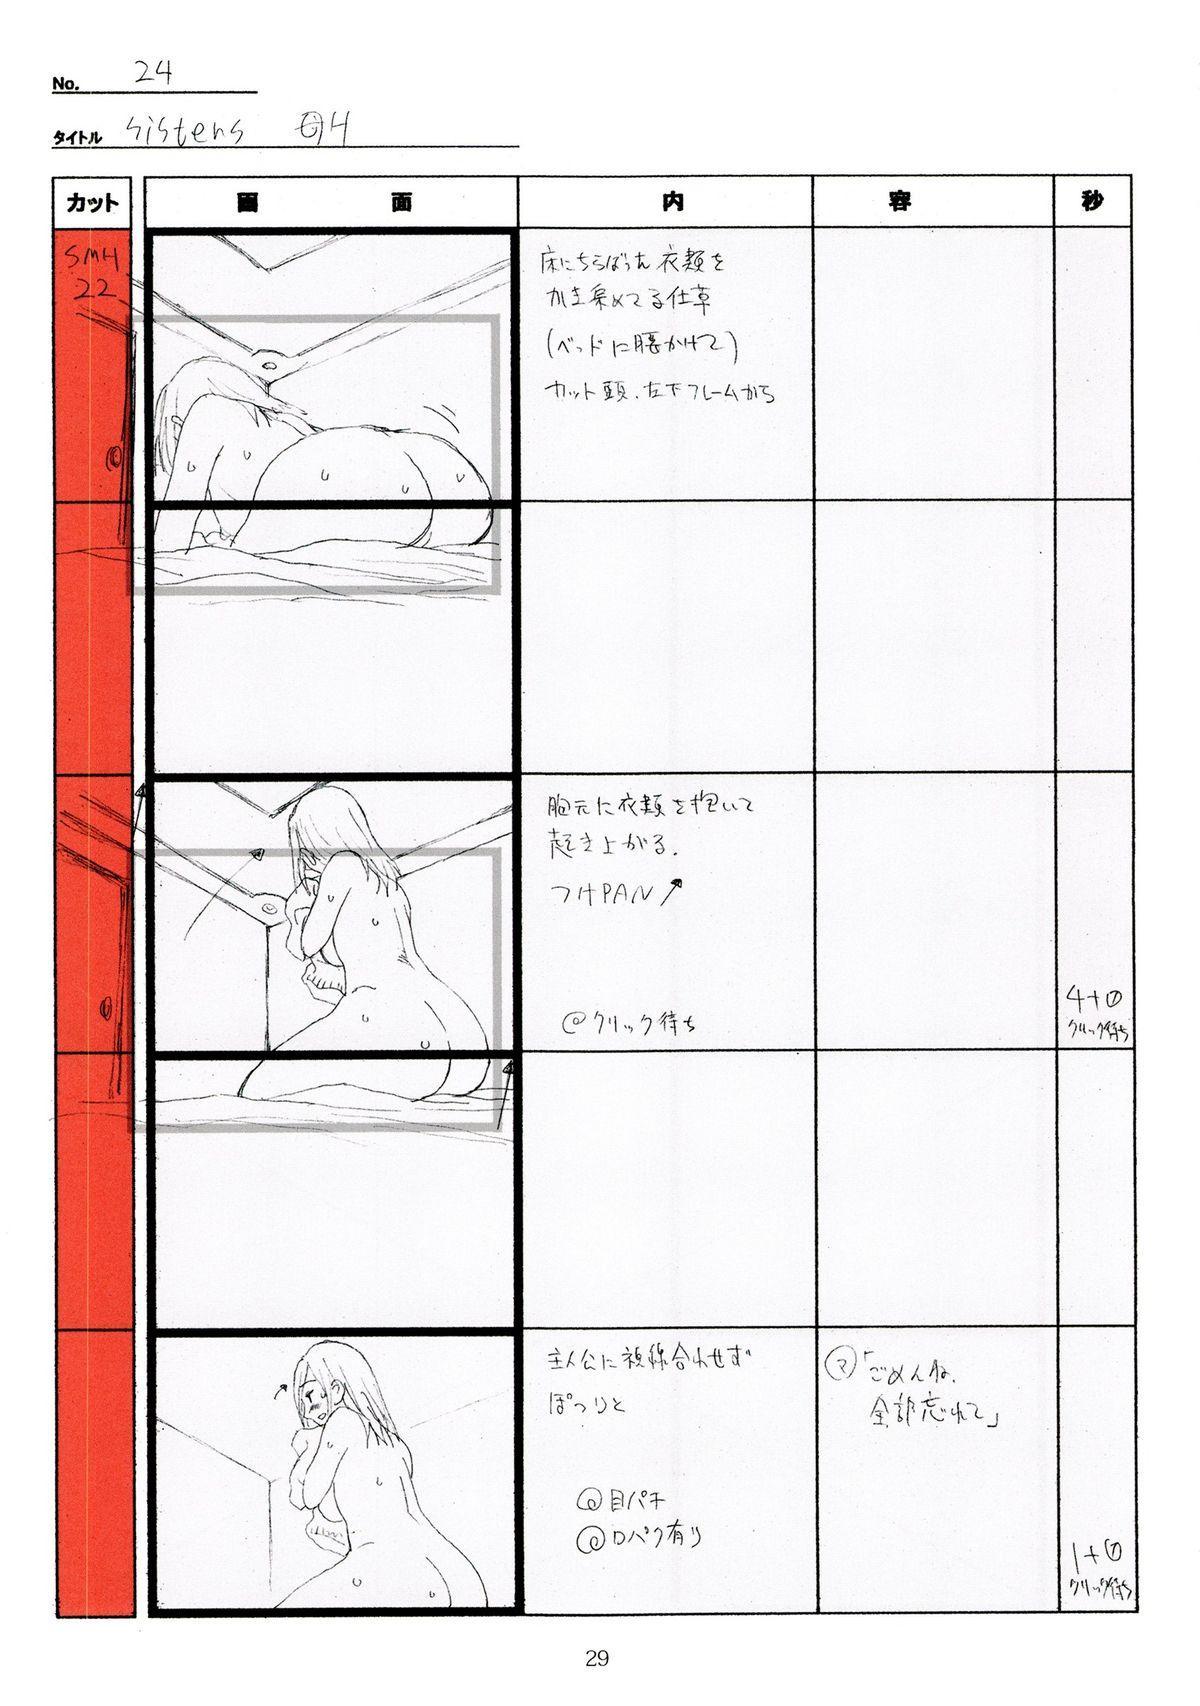 (C89) [Makino Jimusho (Taki Minashika)] SISTERS -Natsu no Saigo no Hi- H Scene All Part Storyboard (SISTERS -Natsu no Saigo no Hi-) 28